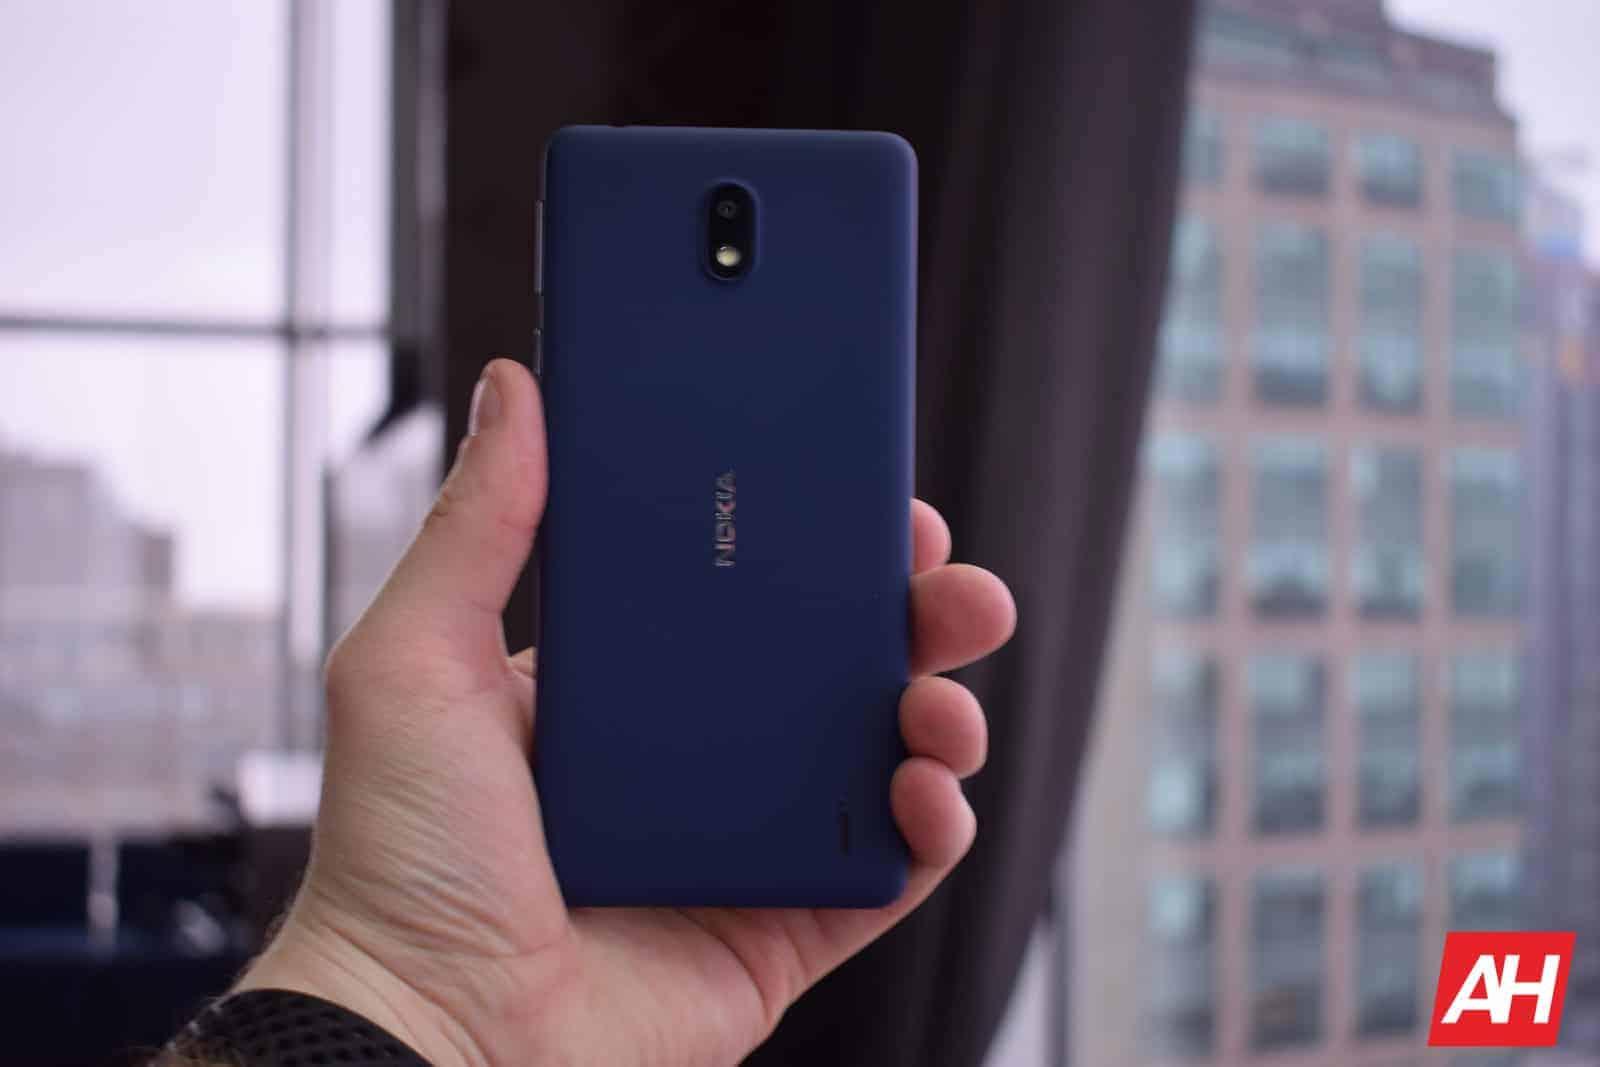 Nokia 1 Plus MWC 2019 AM AH 7